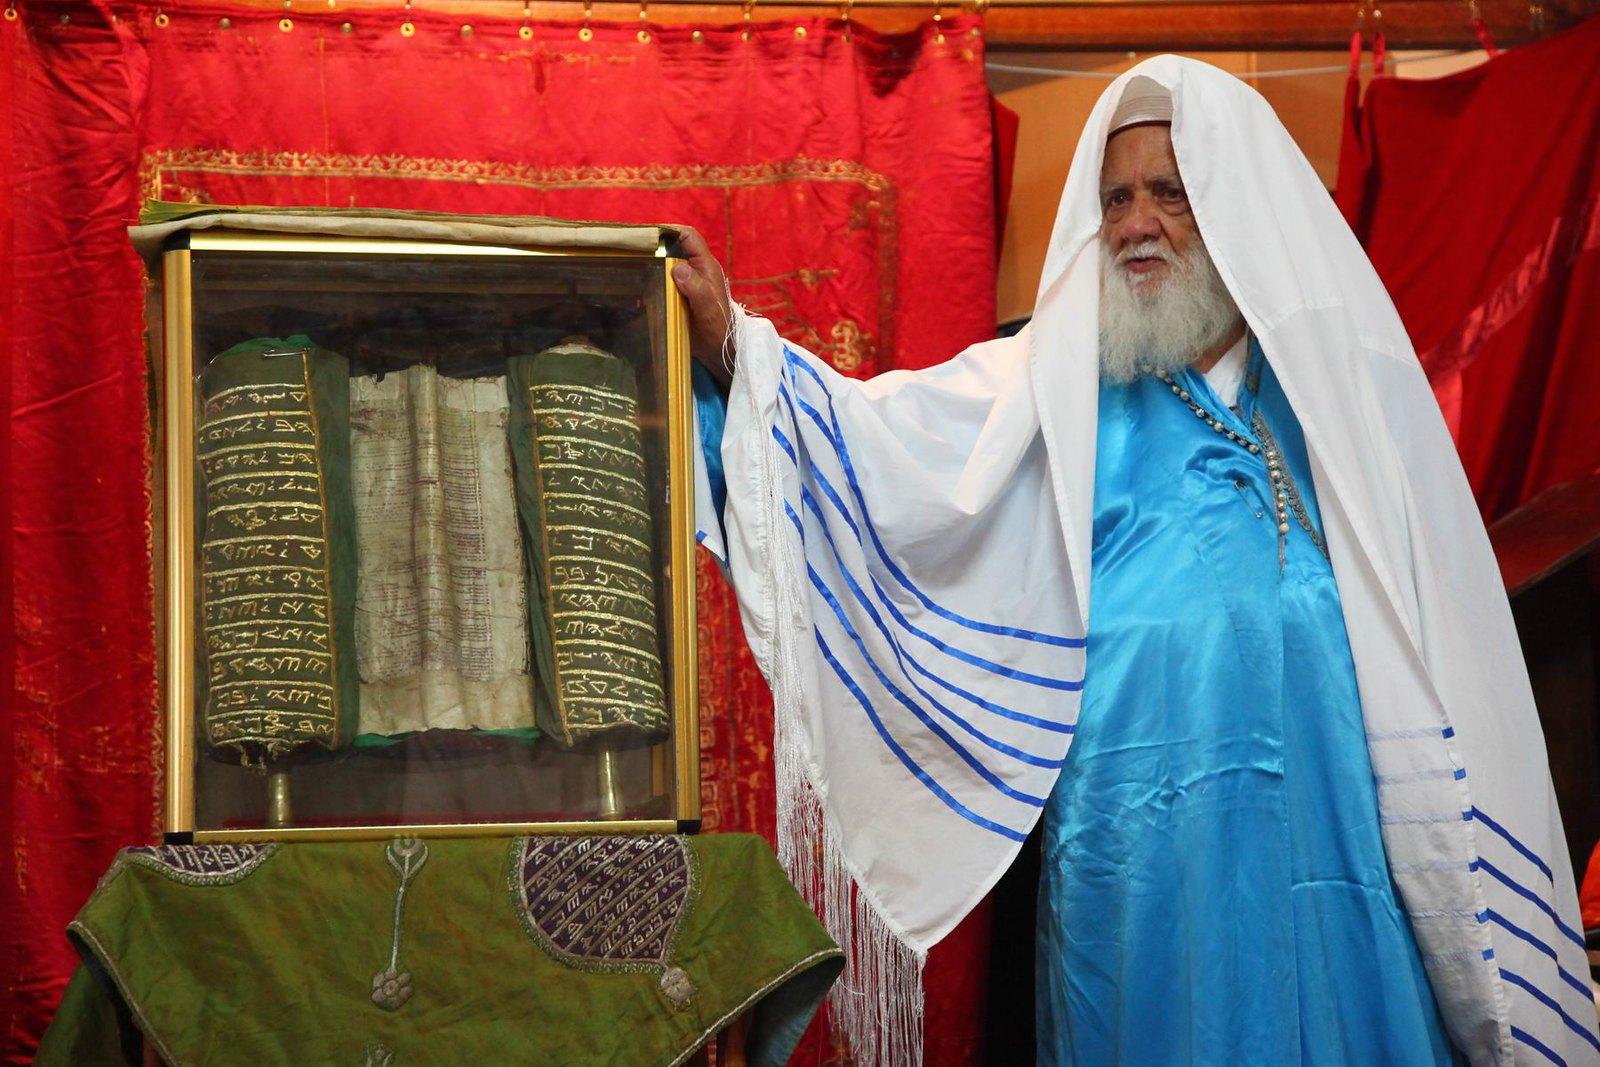 לבוש מסורתי של הכהן עטוף בטלית